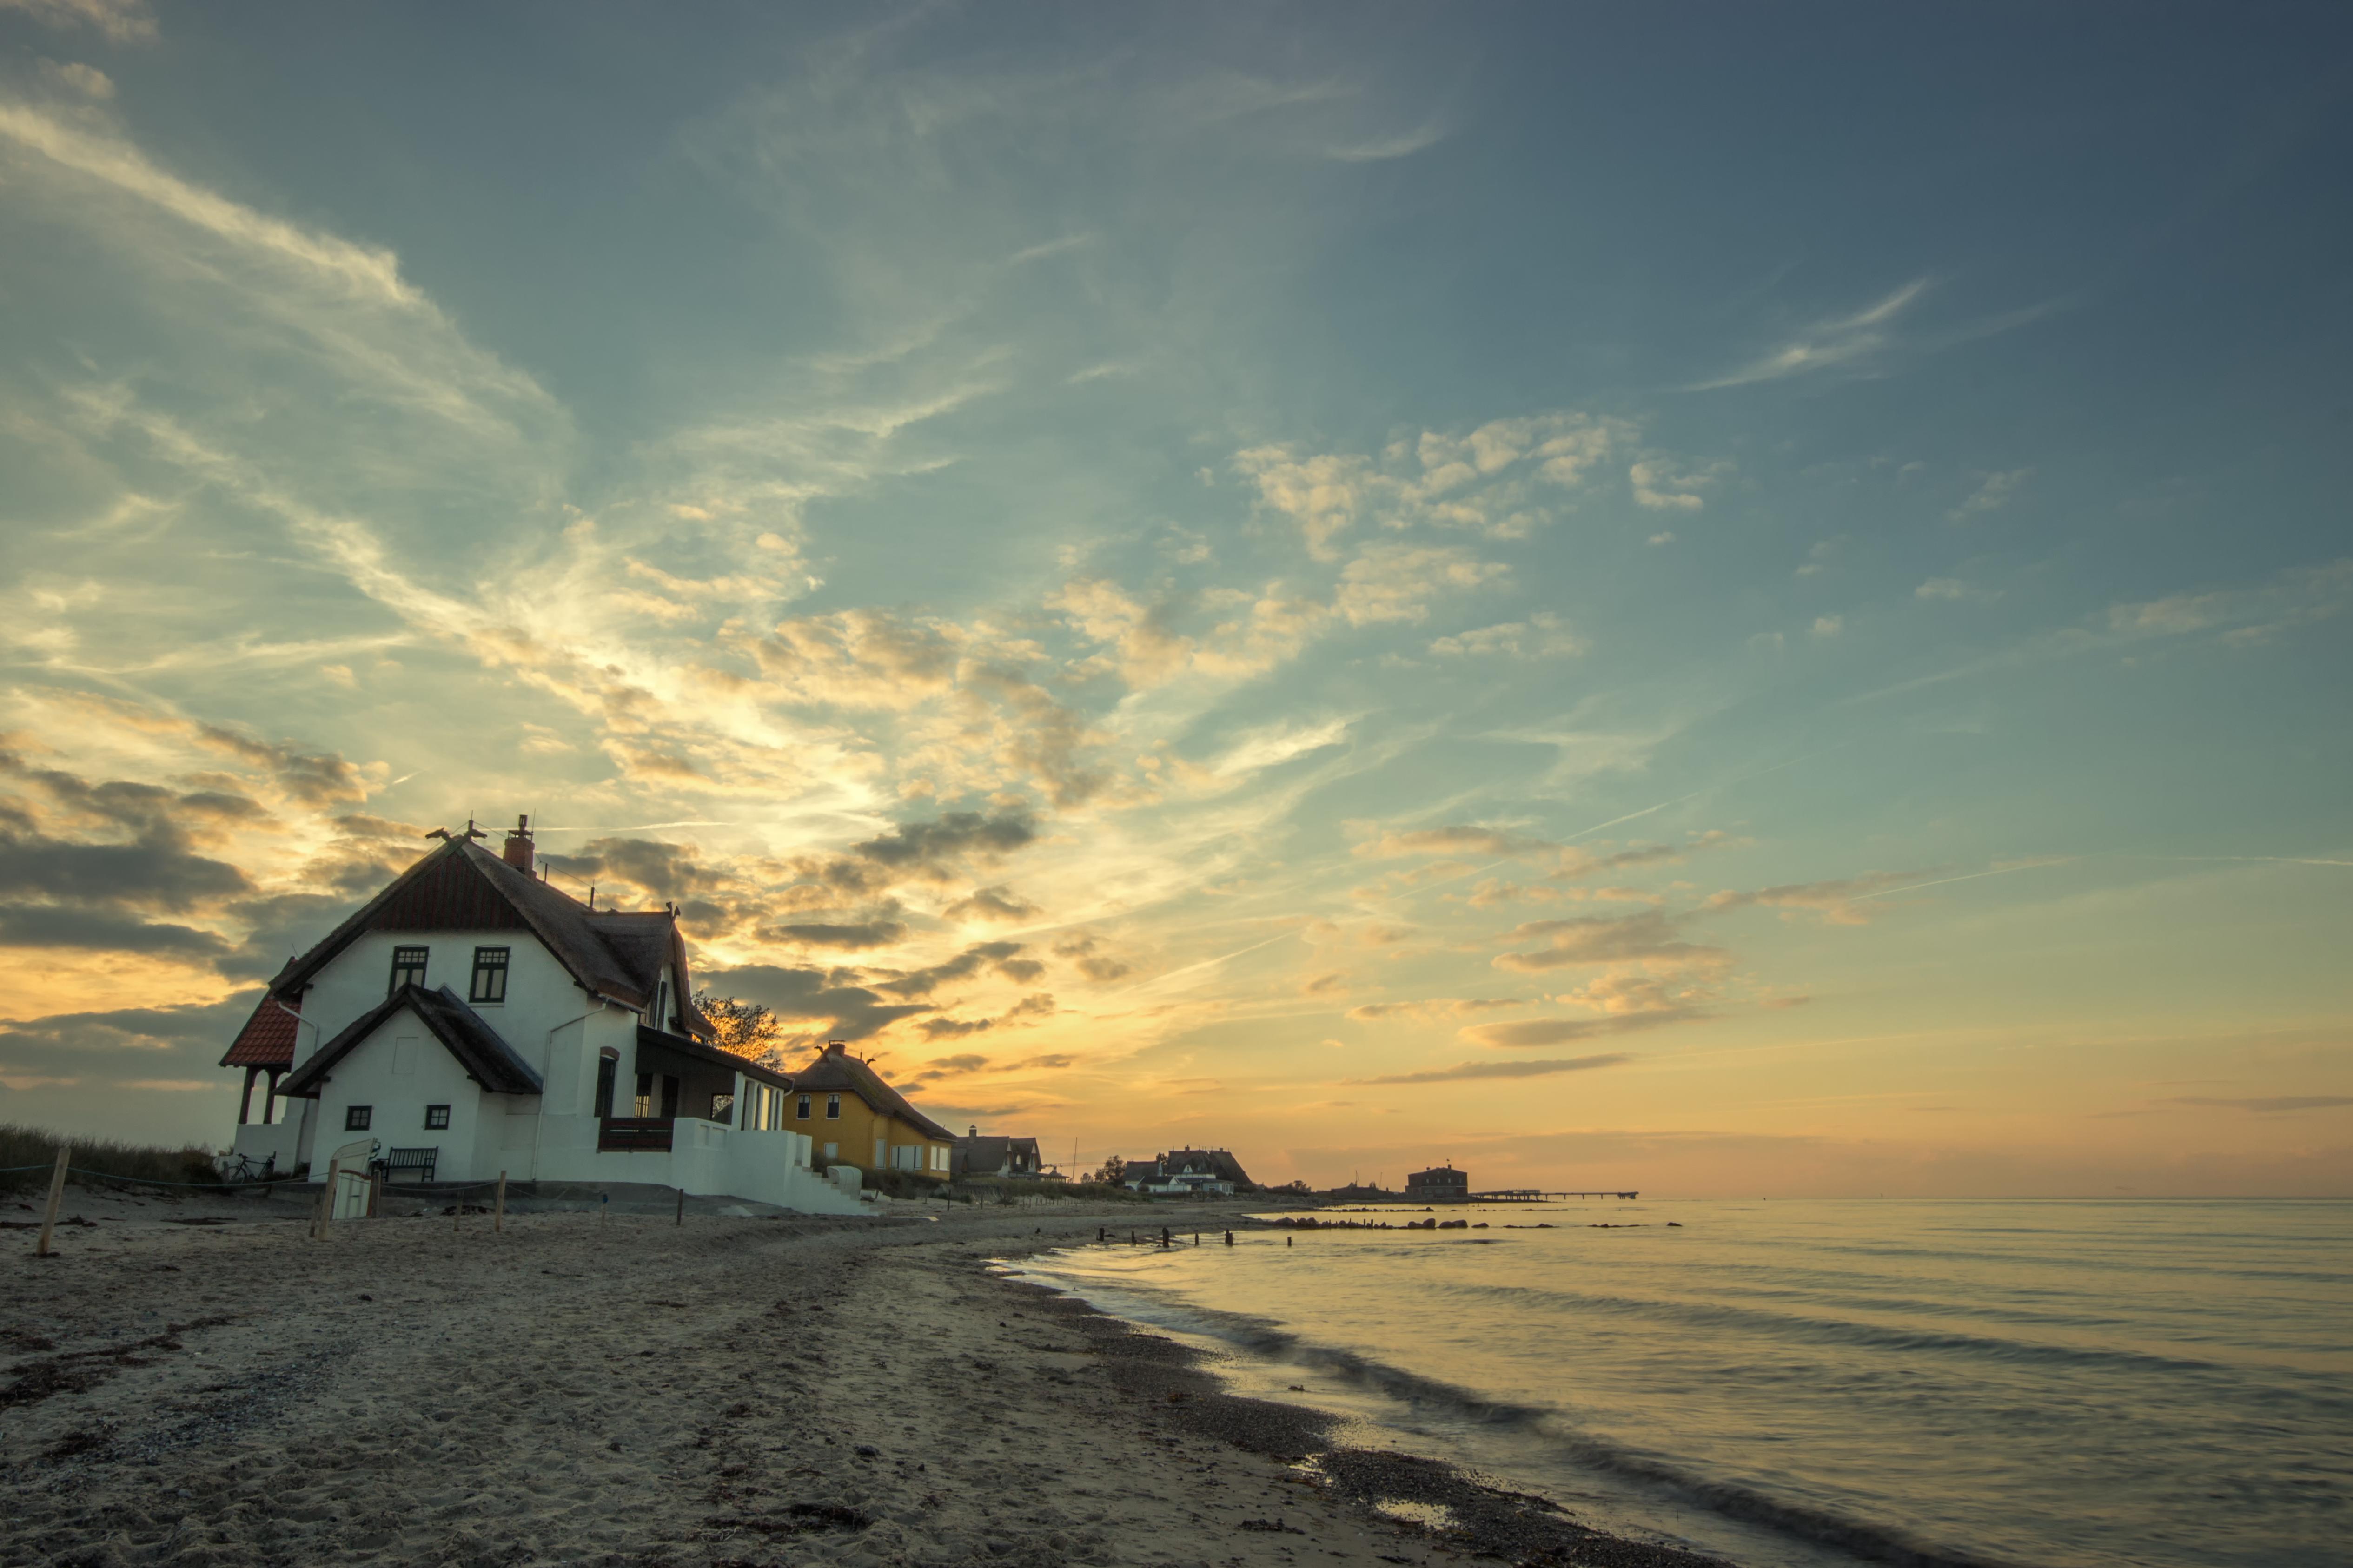 Ferienhaus am Strand von Fehmarn